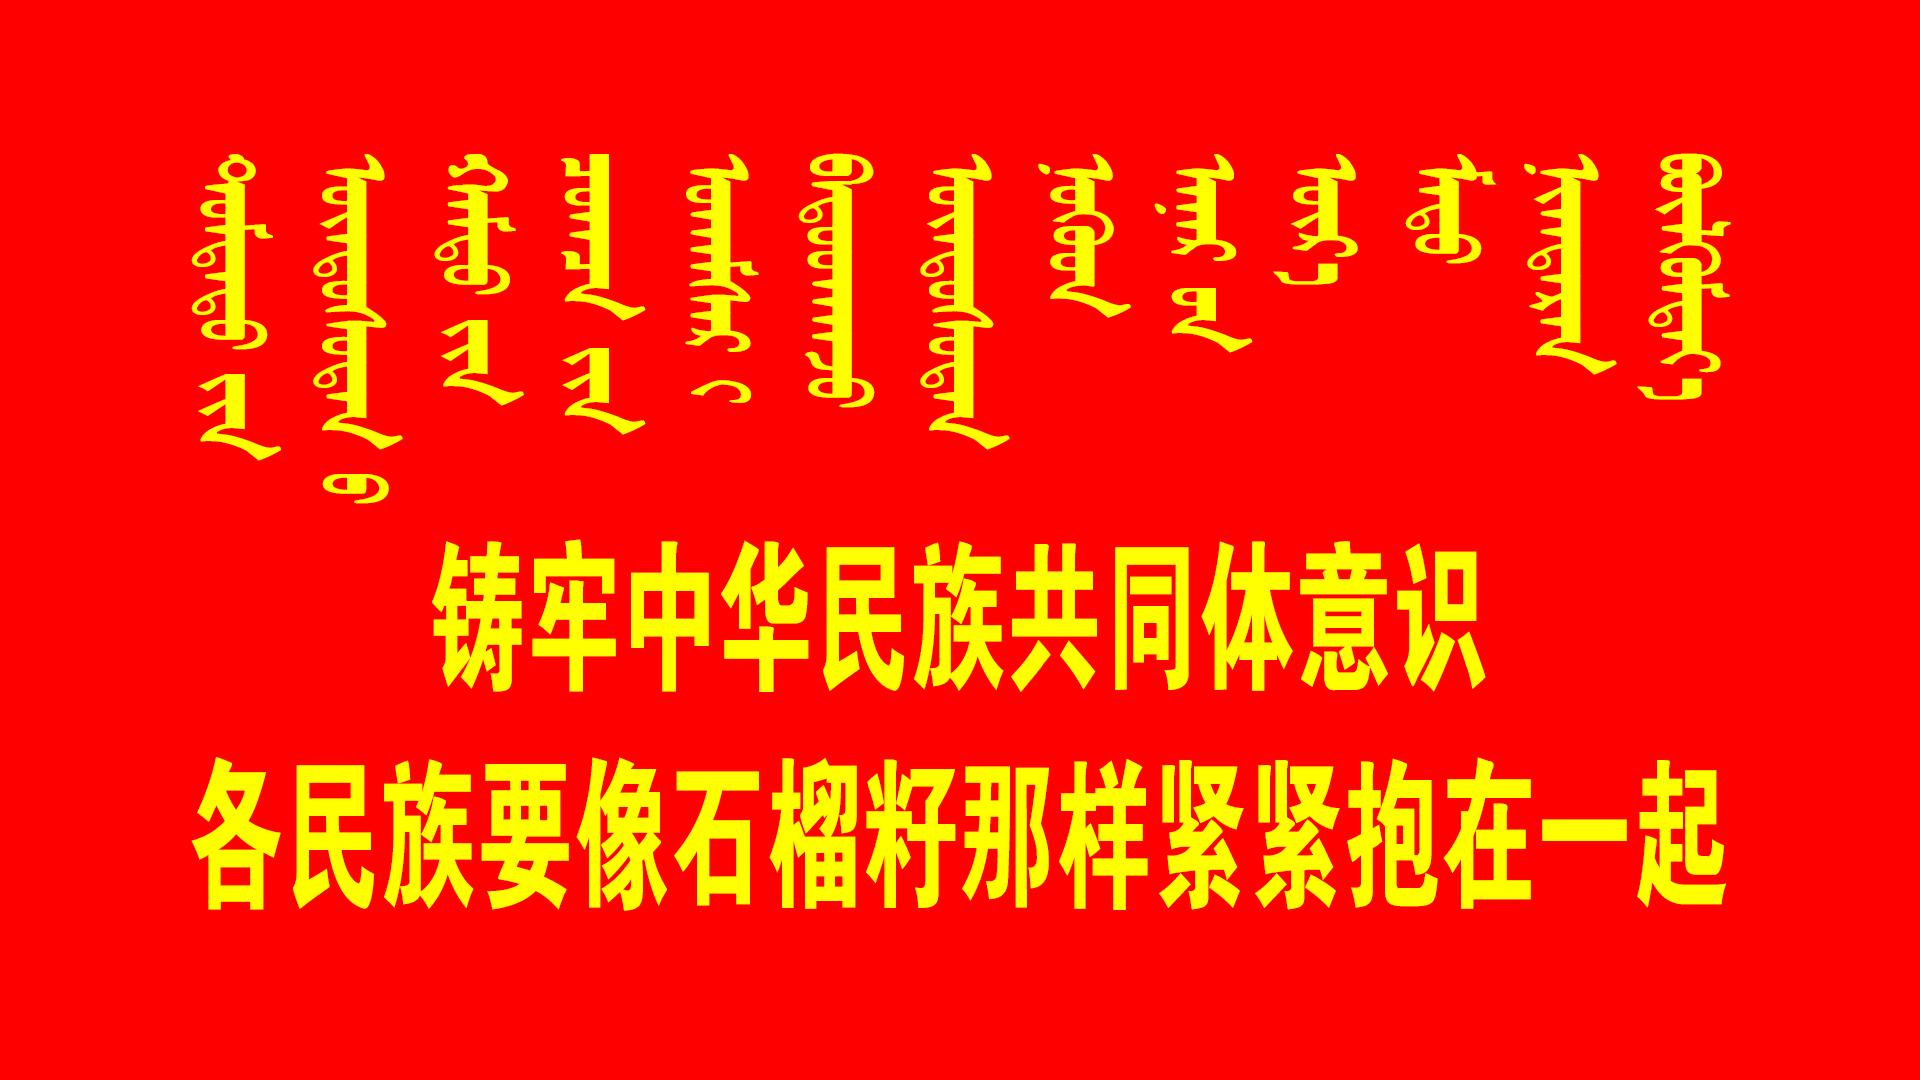 民族团结标语